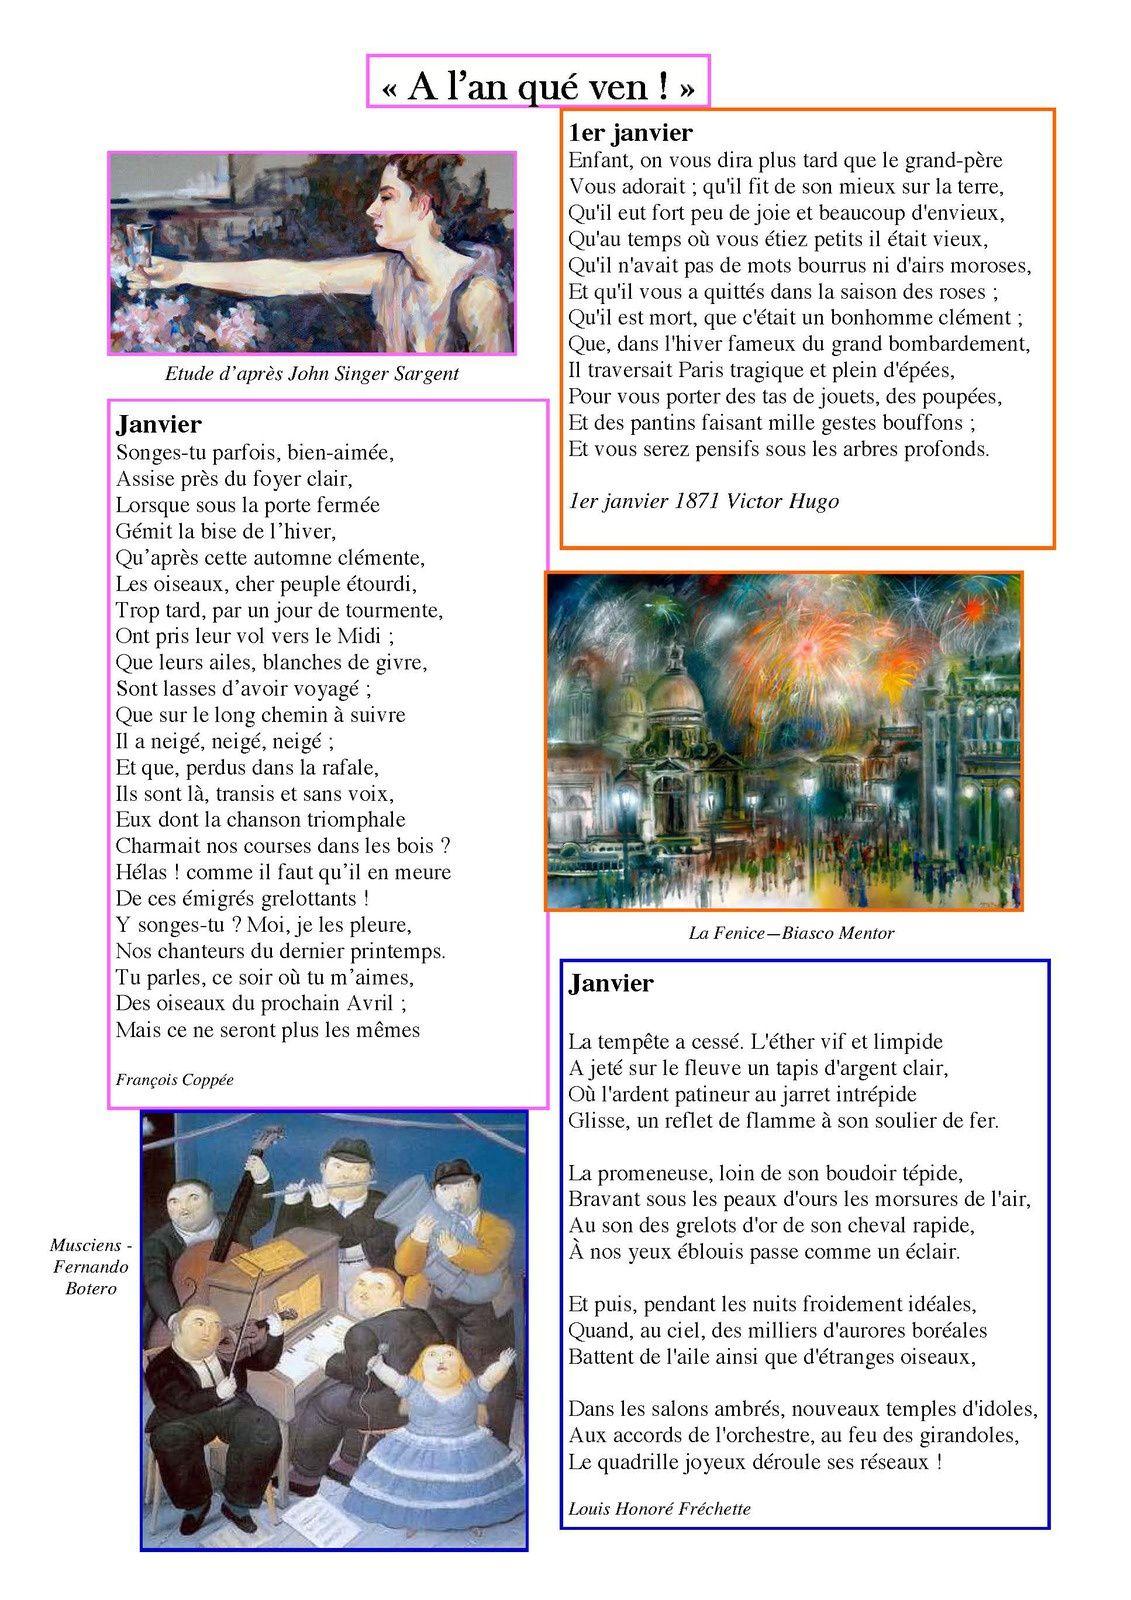 La page poésie d'Odile  le premier janvier